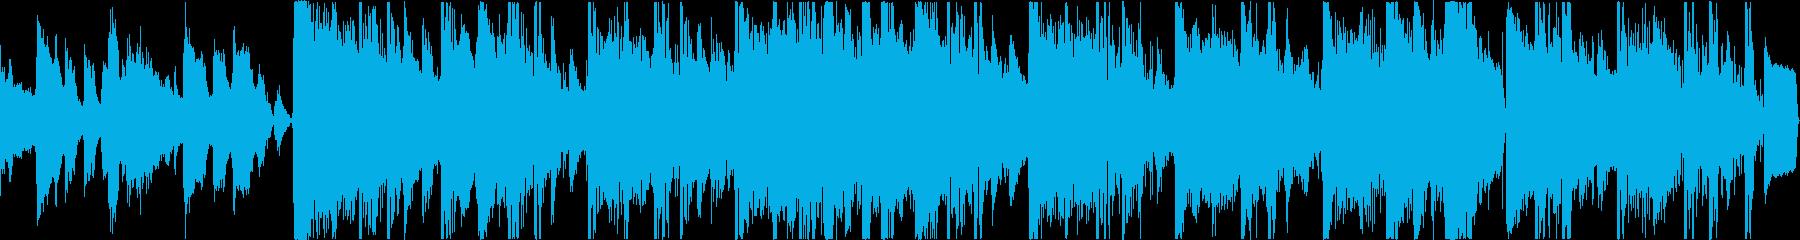 ビジュアル重視の映像などにピッタリBGMの再生済みの波形